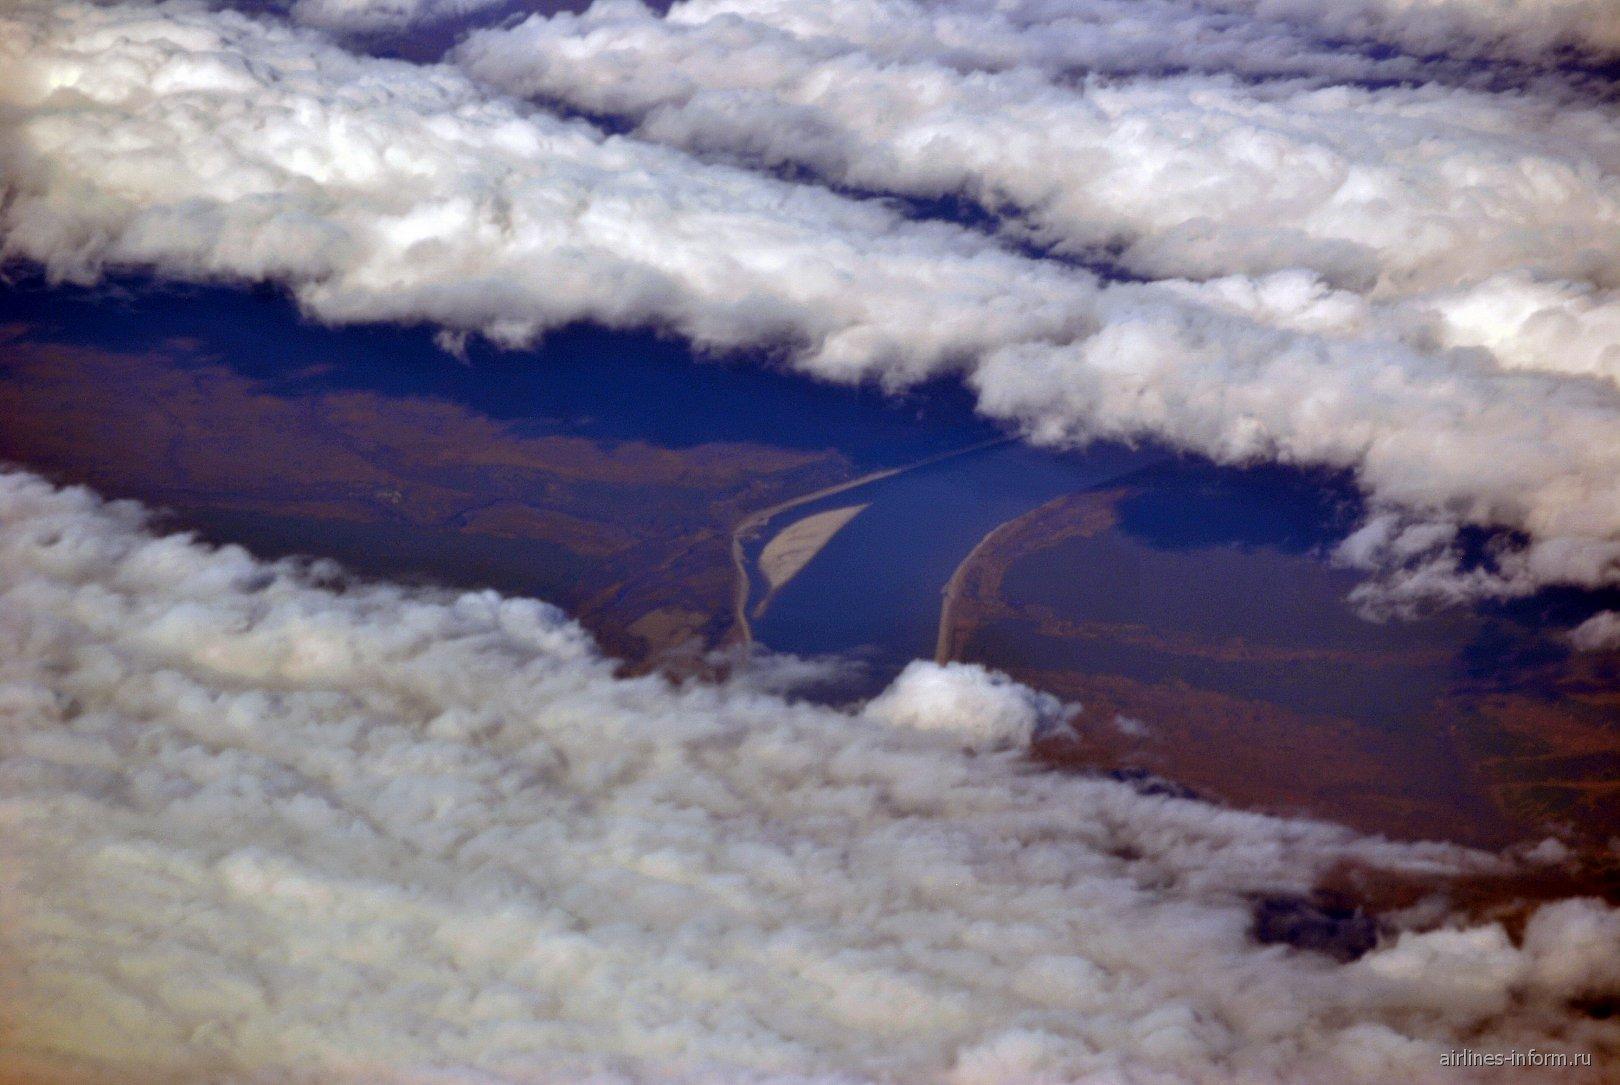 Река Лена в разрыве между облаков